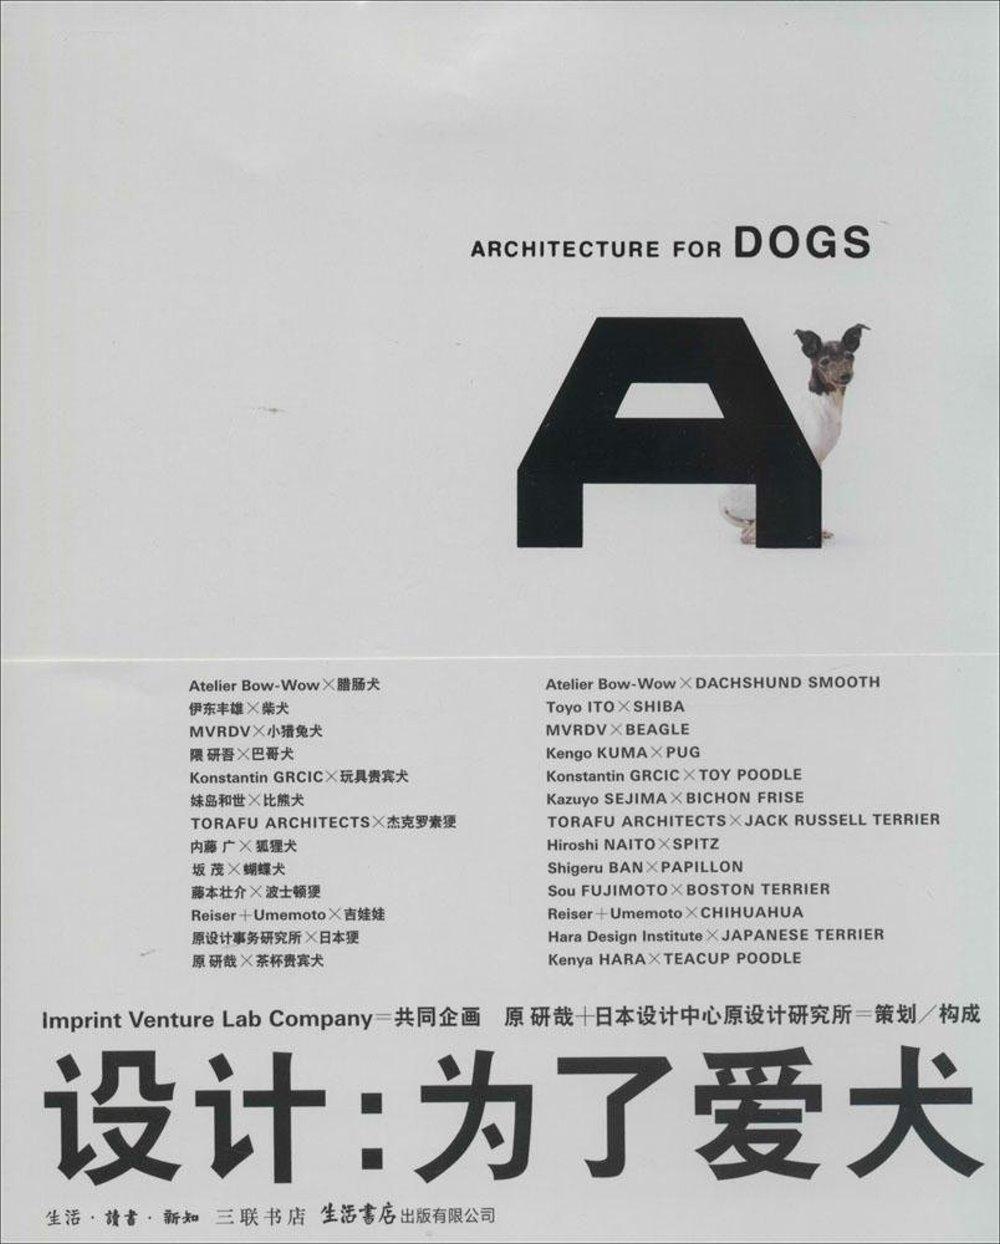 設計:為了愛犬